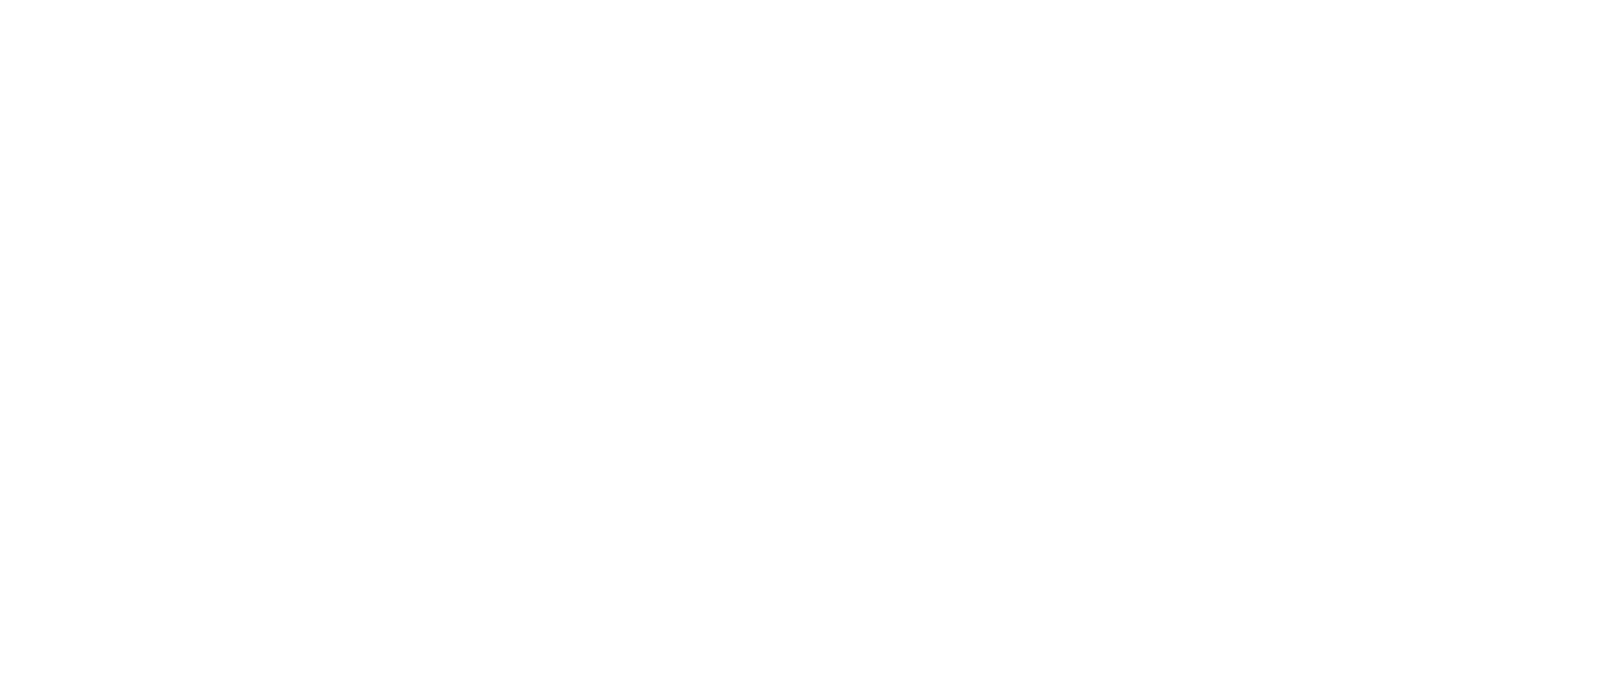 Juozas dental